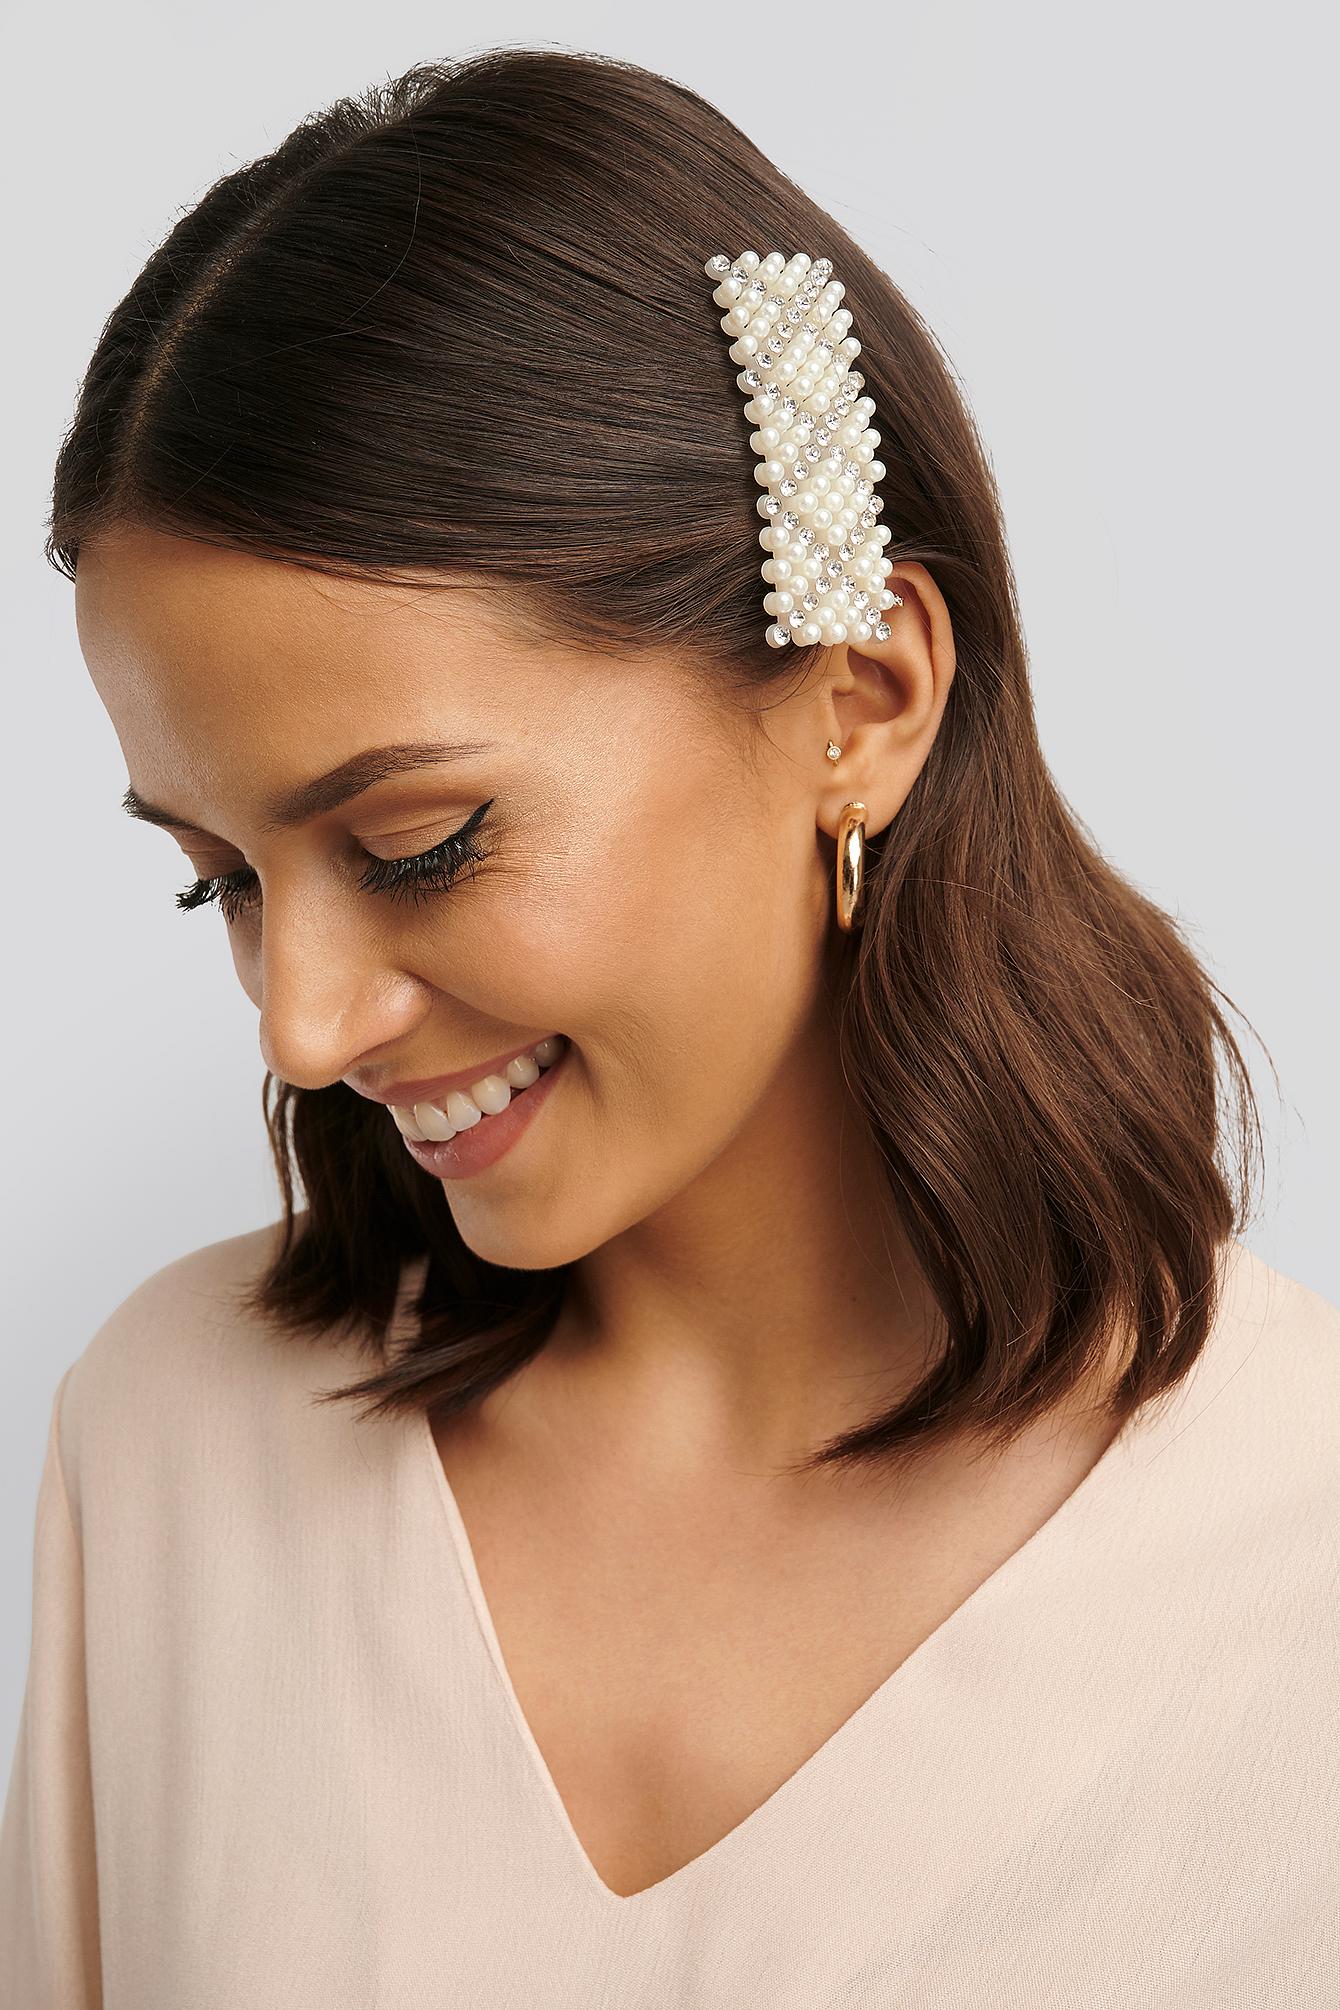 na-kd accessories -  Eckige Haarspange Mit Perlen Und Strasssteinen - White